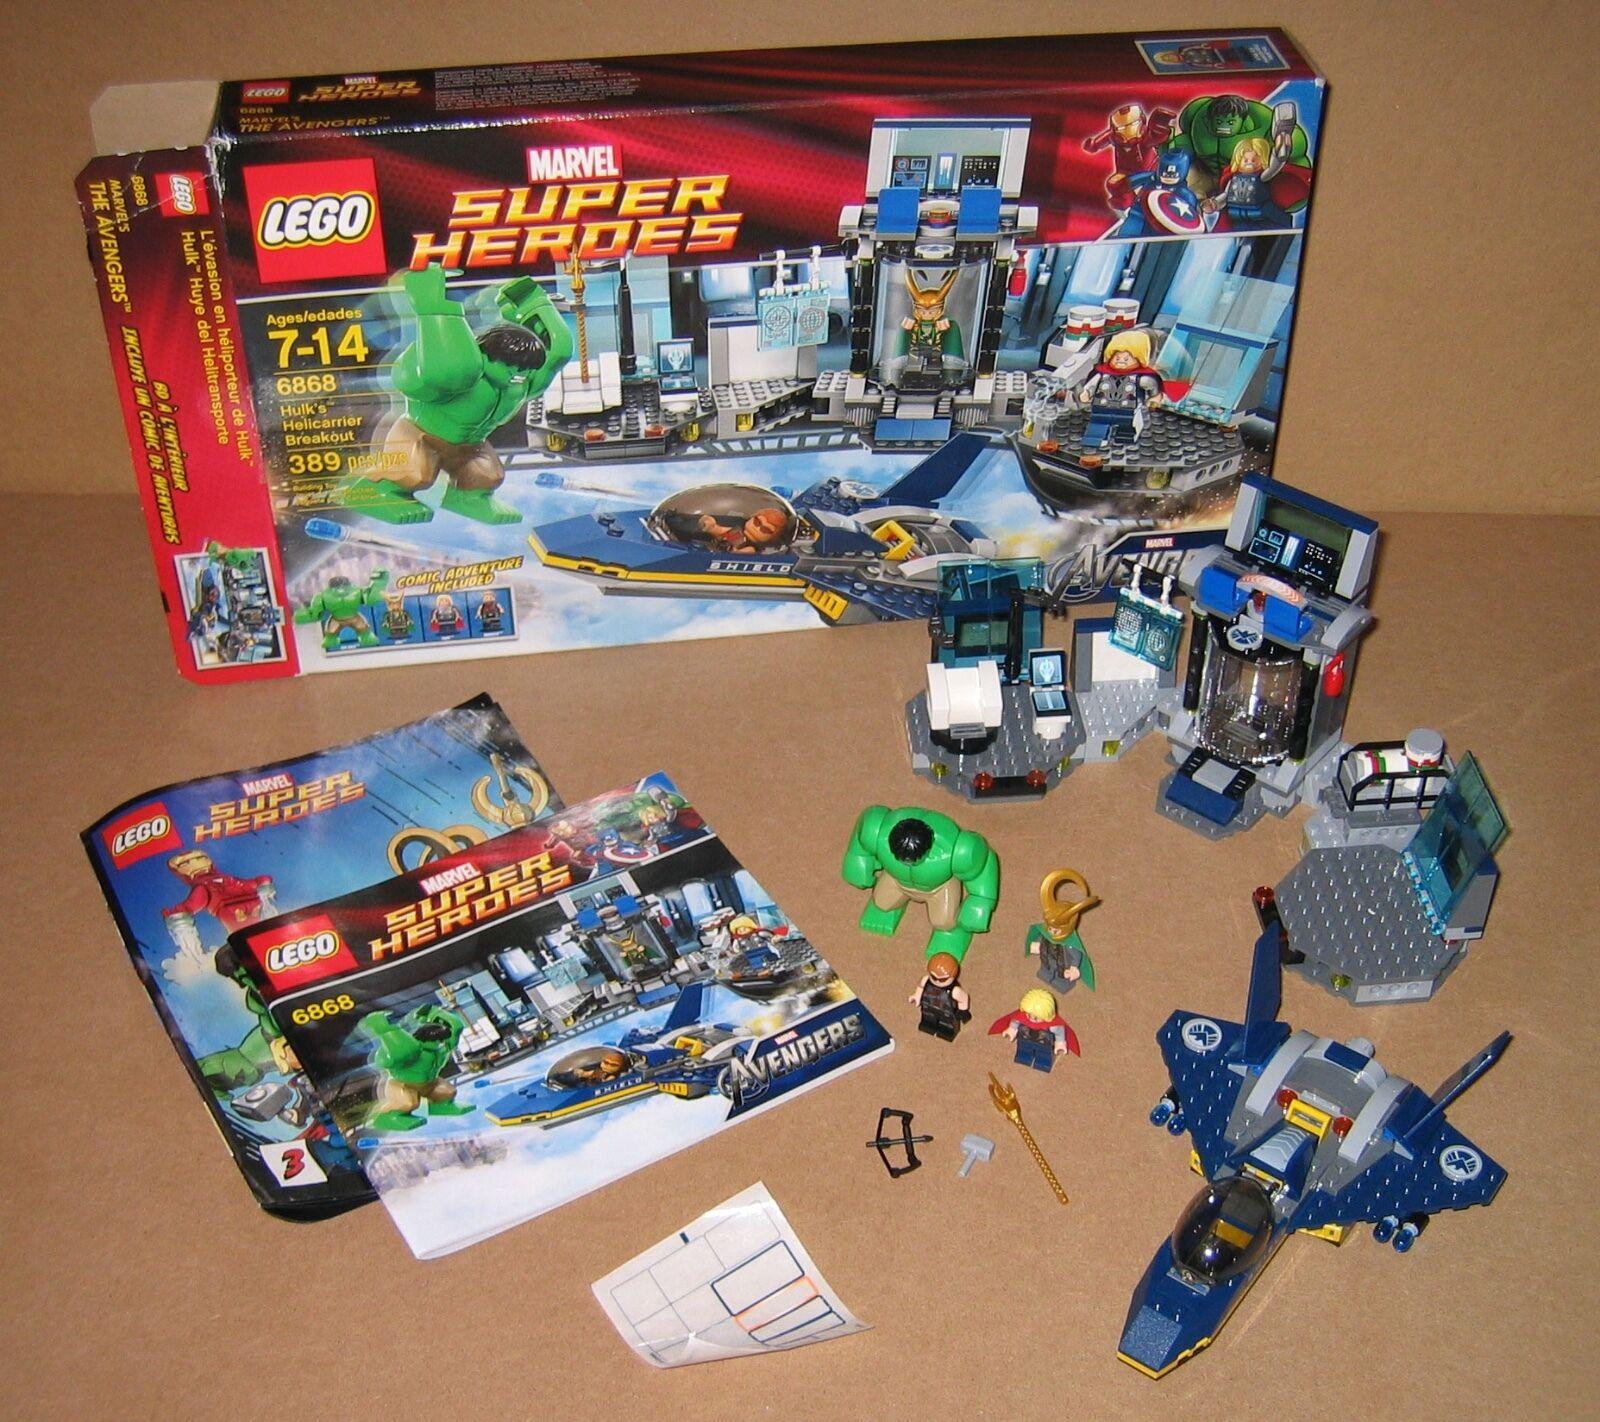 6868 LEGO Hulk's Helivoiturerier Breakout  100% cmplete box Instructions EX COND 2012  bien vendre partout dans le monde